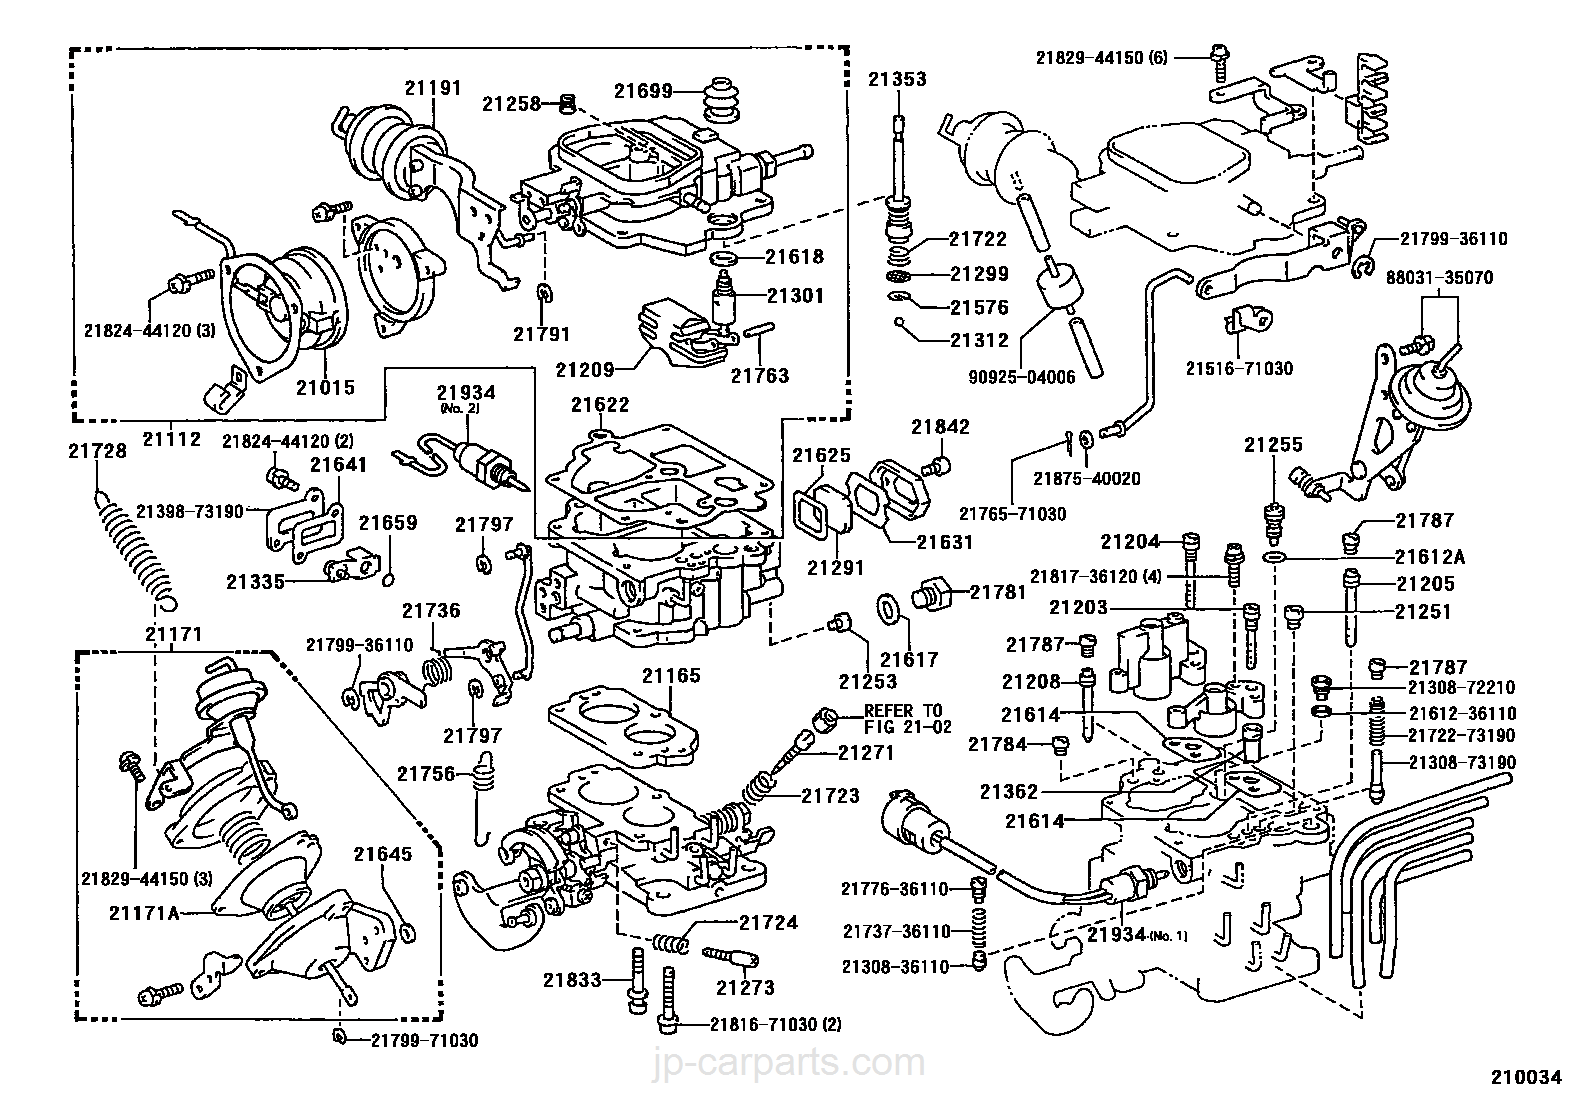 carburetor toyota part list jp carparts com rh jp carparts com toyota 2y engine repair manual pdf toyota 4y engine manual free